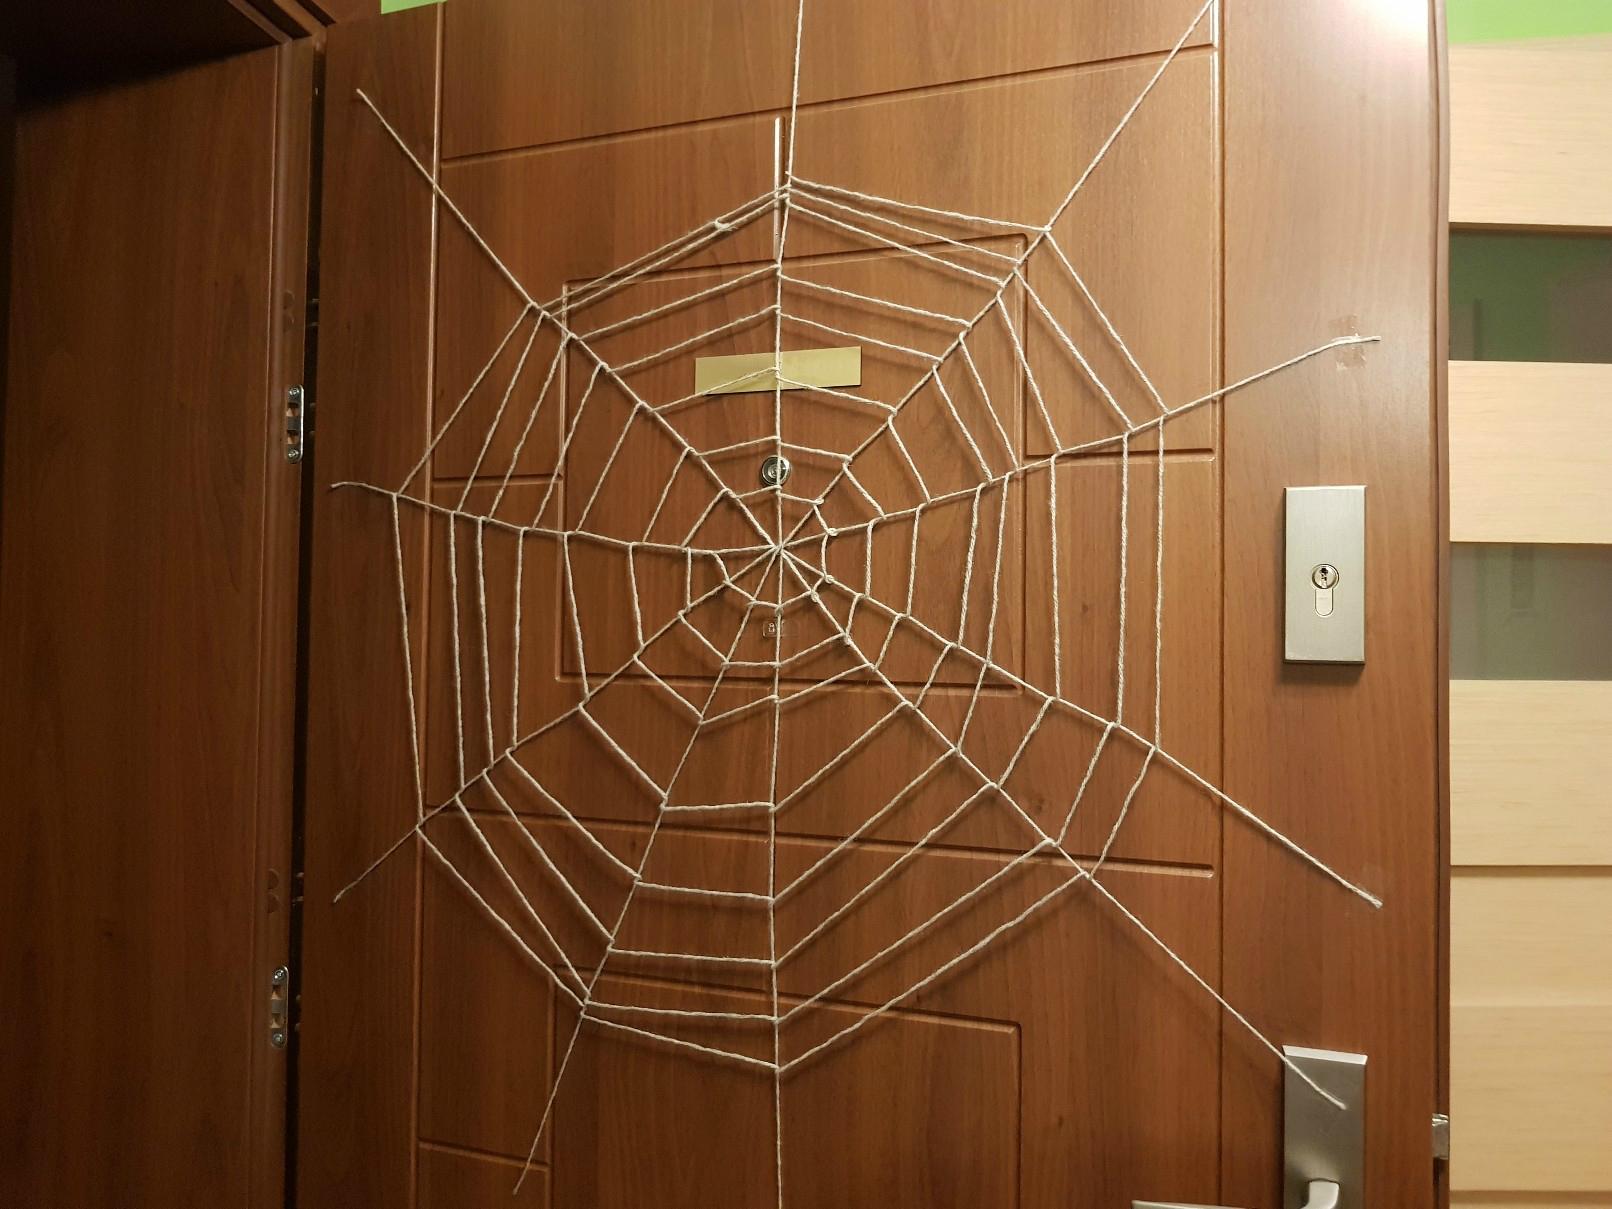 halloween spiders web on the door